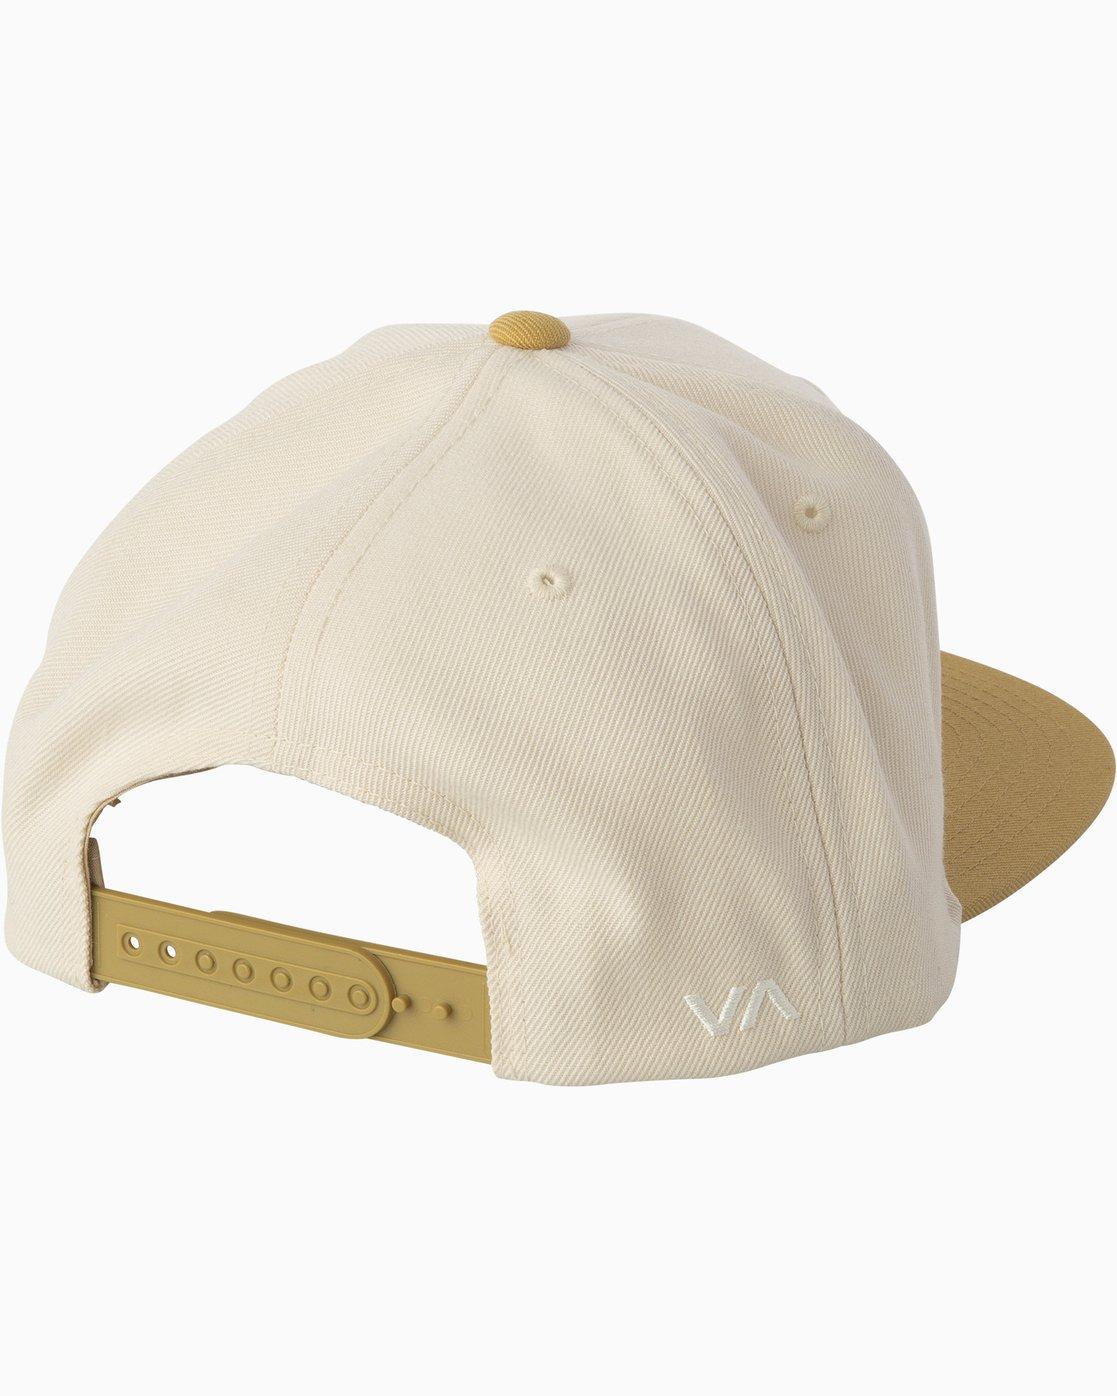 1 RVCA Twill Snapback III Hat Beige MAAHWRSB RVCA